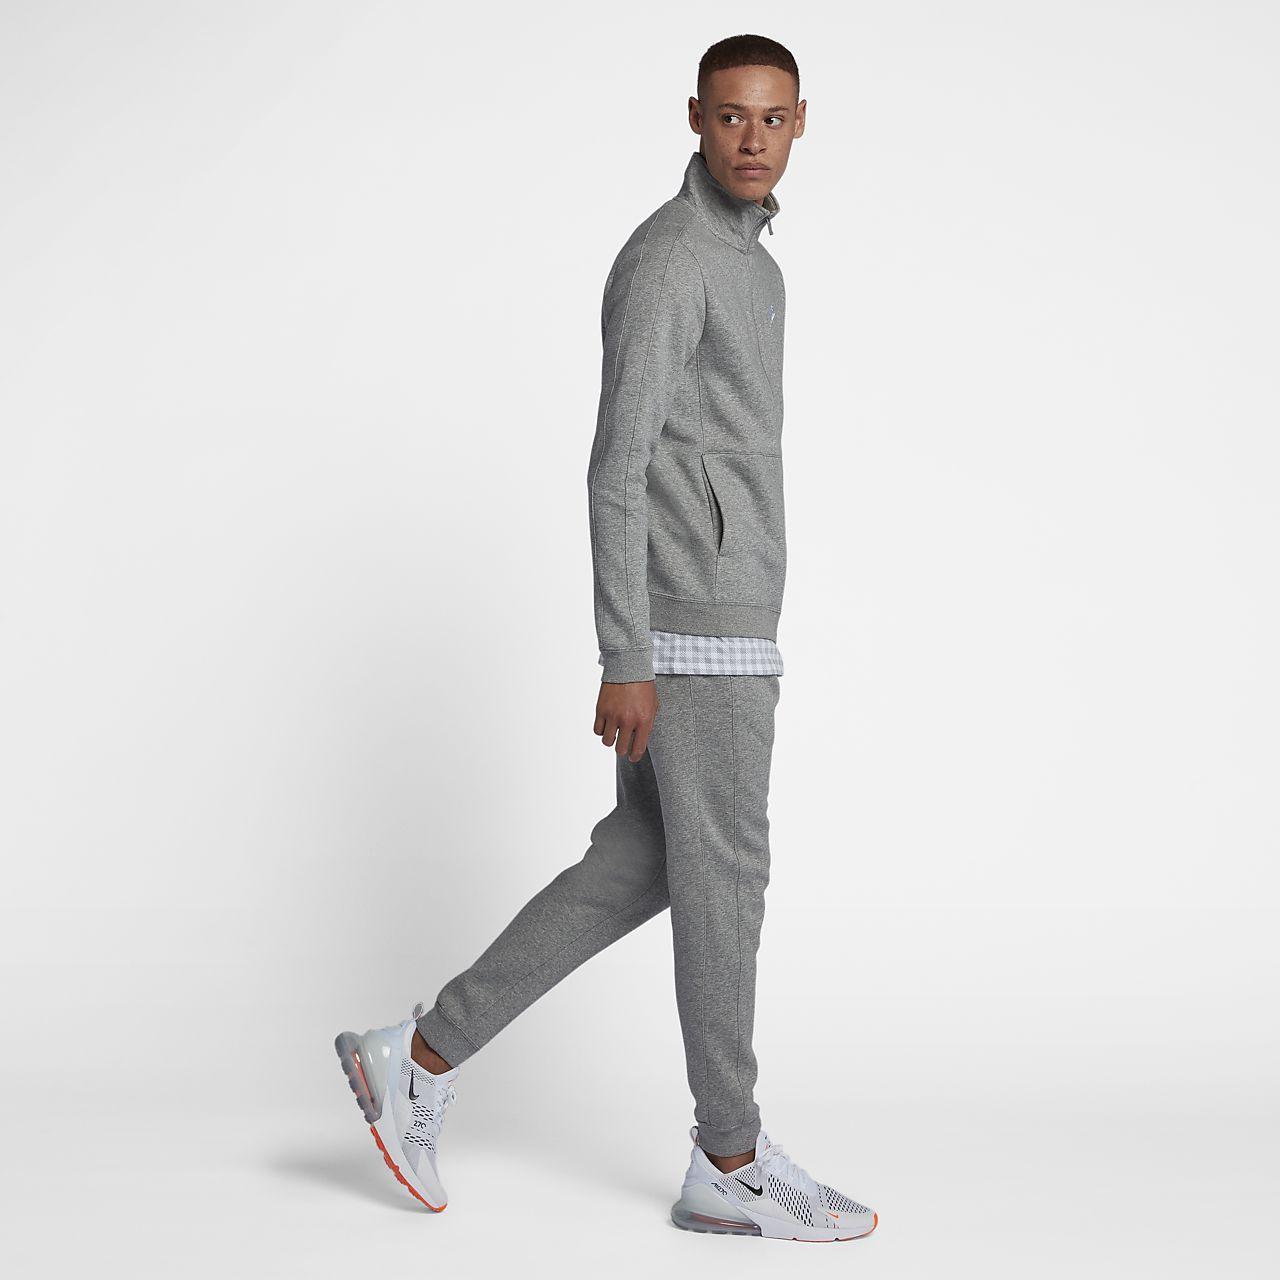 5b1cf3fefac879 Low Resolution Nike Sportswear Men s Fleece Tracksuit Nike Sportswear Men s Fleece  Tracksuit